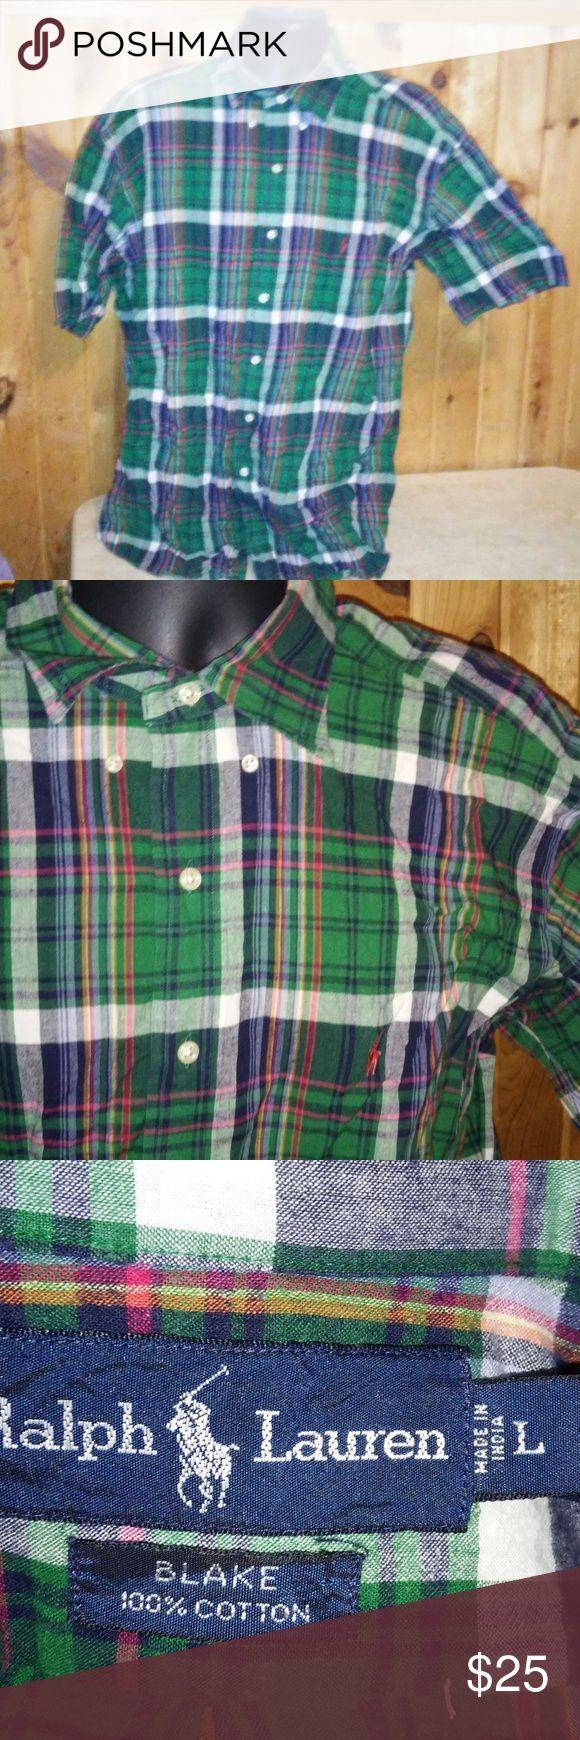 ralph lauren men L green red checks shirt T5 men size L 100% cotton button up short sleeve Ralph Lauren Shirts Casual Button Down Shirts